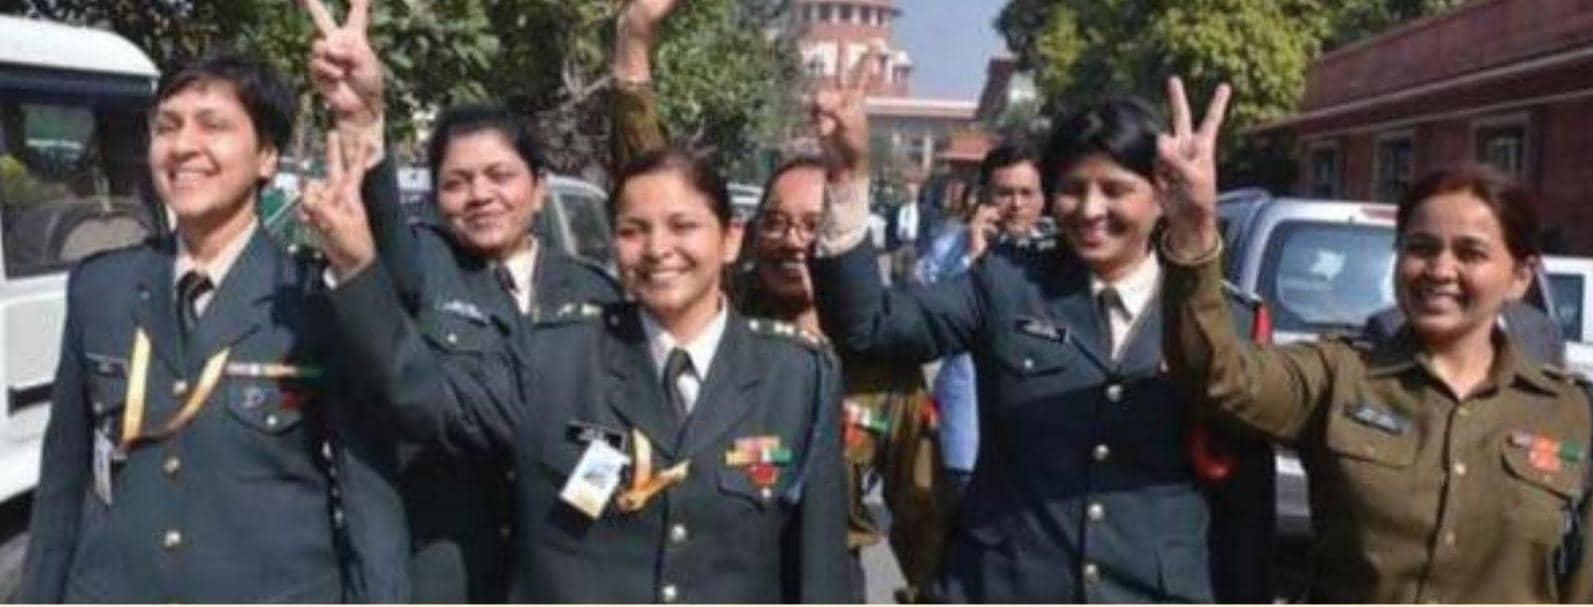 இராணுவத்தில் பெண் அதிகாரிகளுக்கு நிரந்தர ஆணையம்